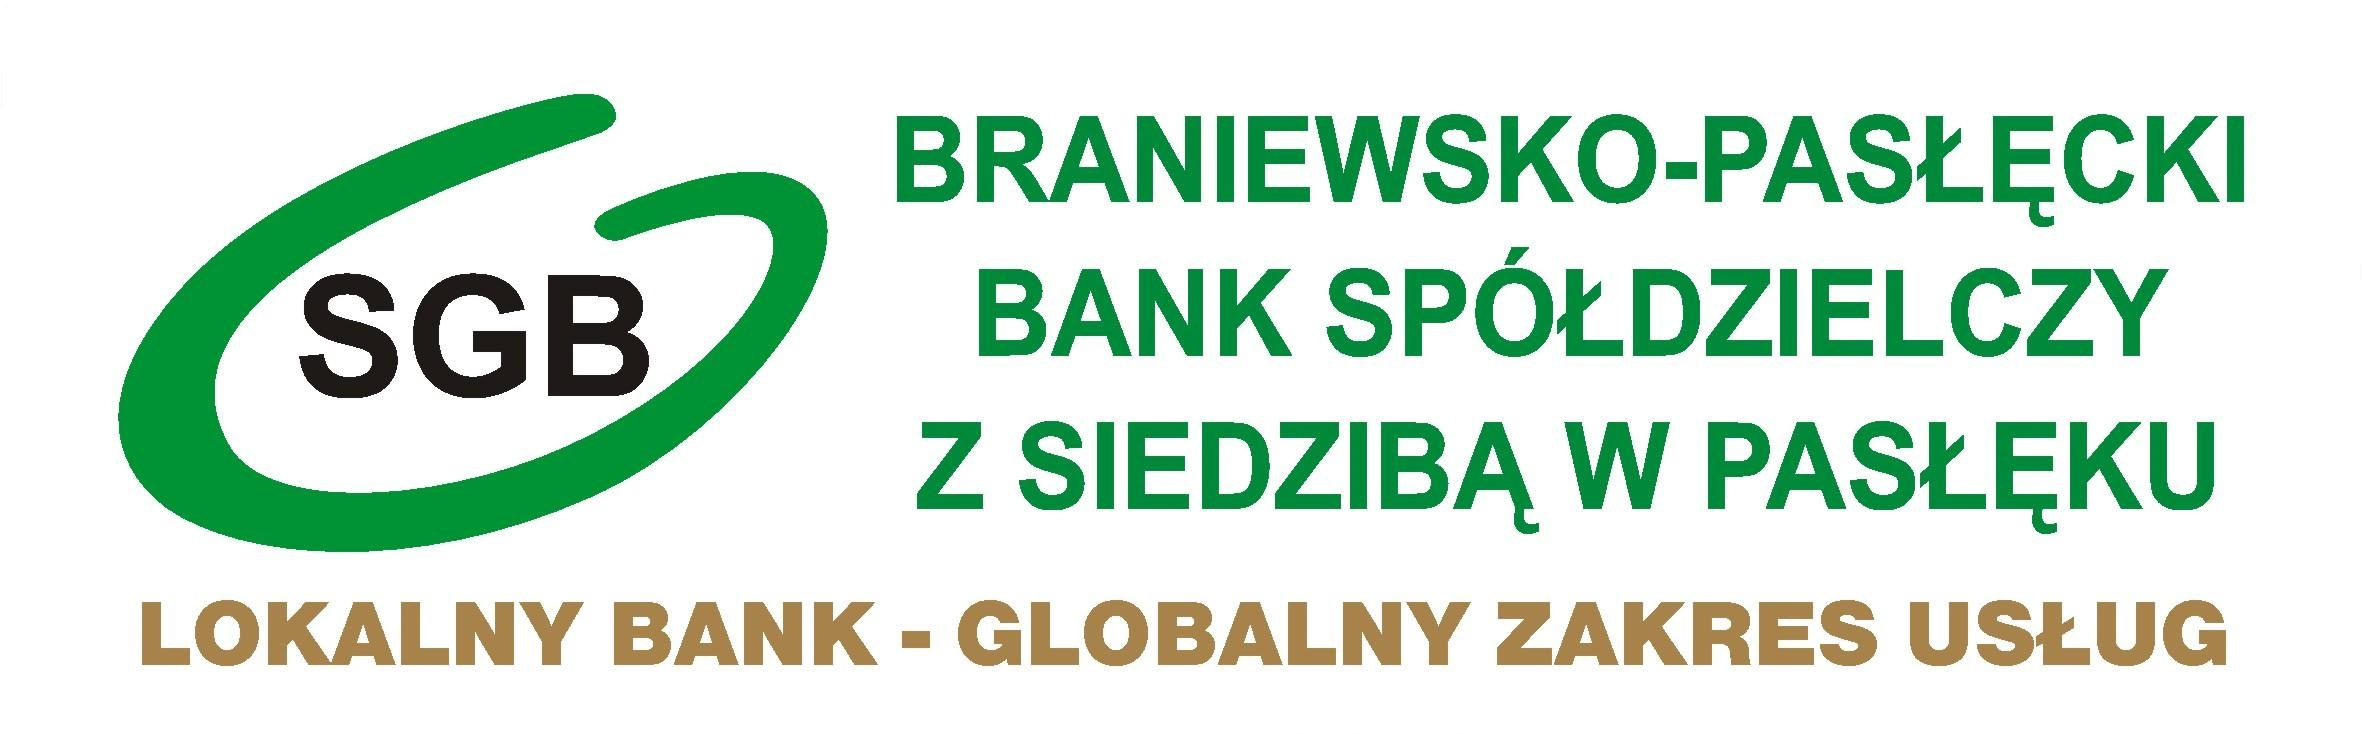 Konto za Złotówkę - Braniewsko-Pasłęcki Bank Spółdzielczy z siedzibą w Pasłęku